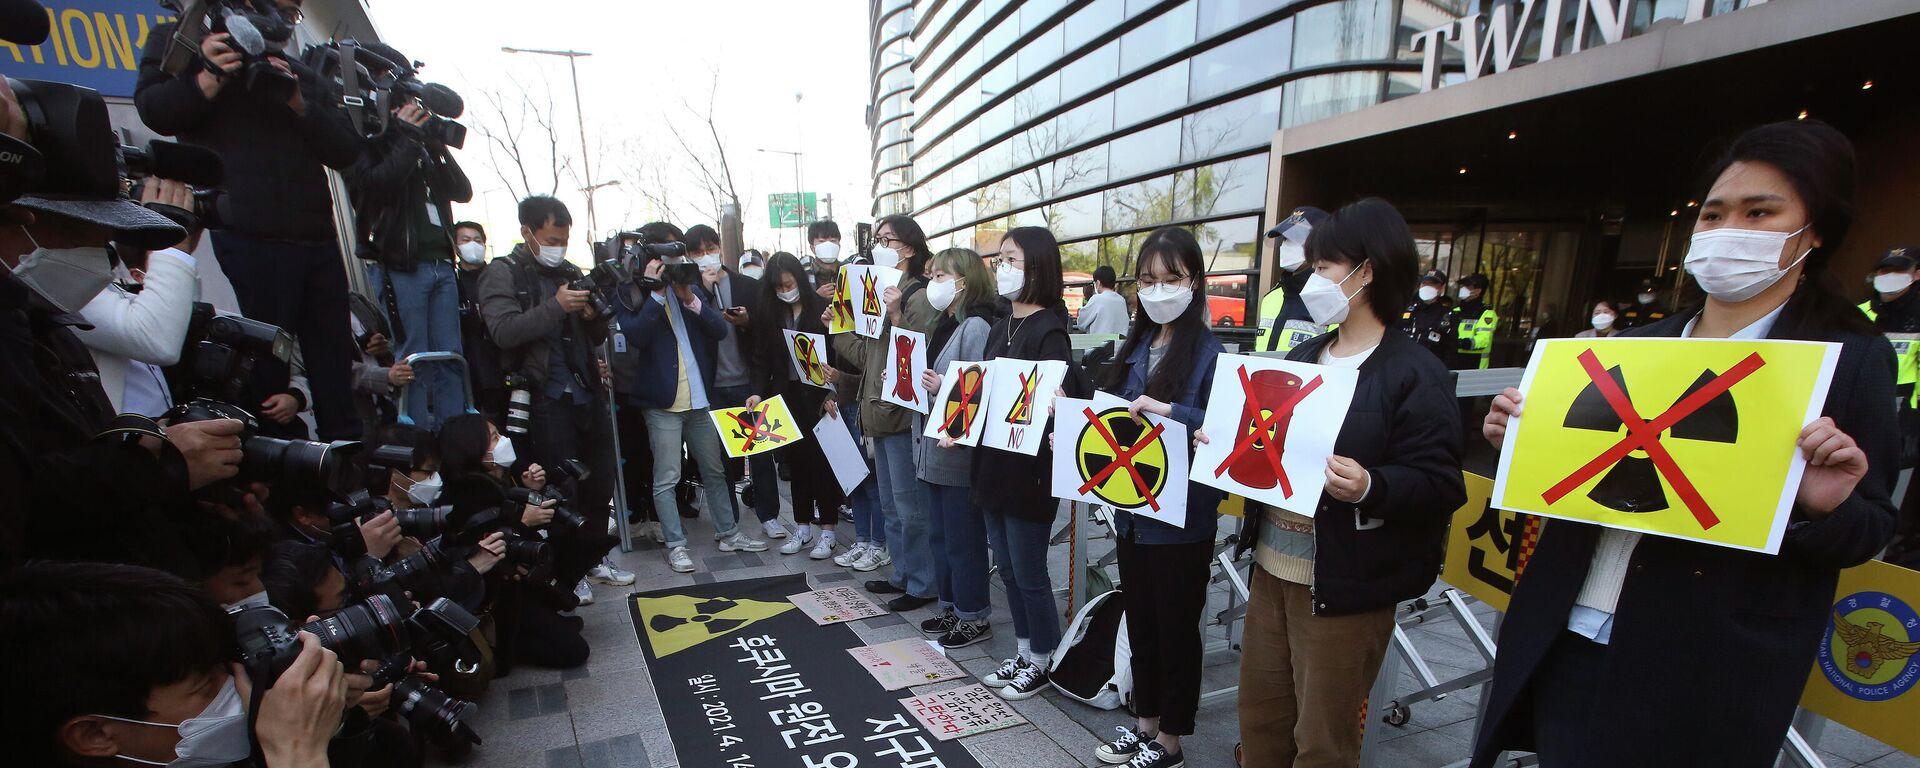 Активисты-экологи проводят митинг, осуждая решение правительства Японии по воде на Фукусиме - Sputnik Таджикистан, 1920, 14.04.2021